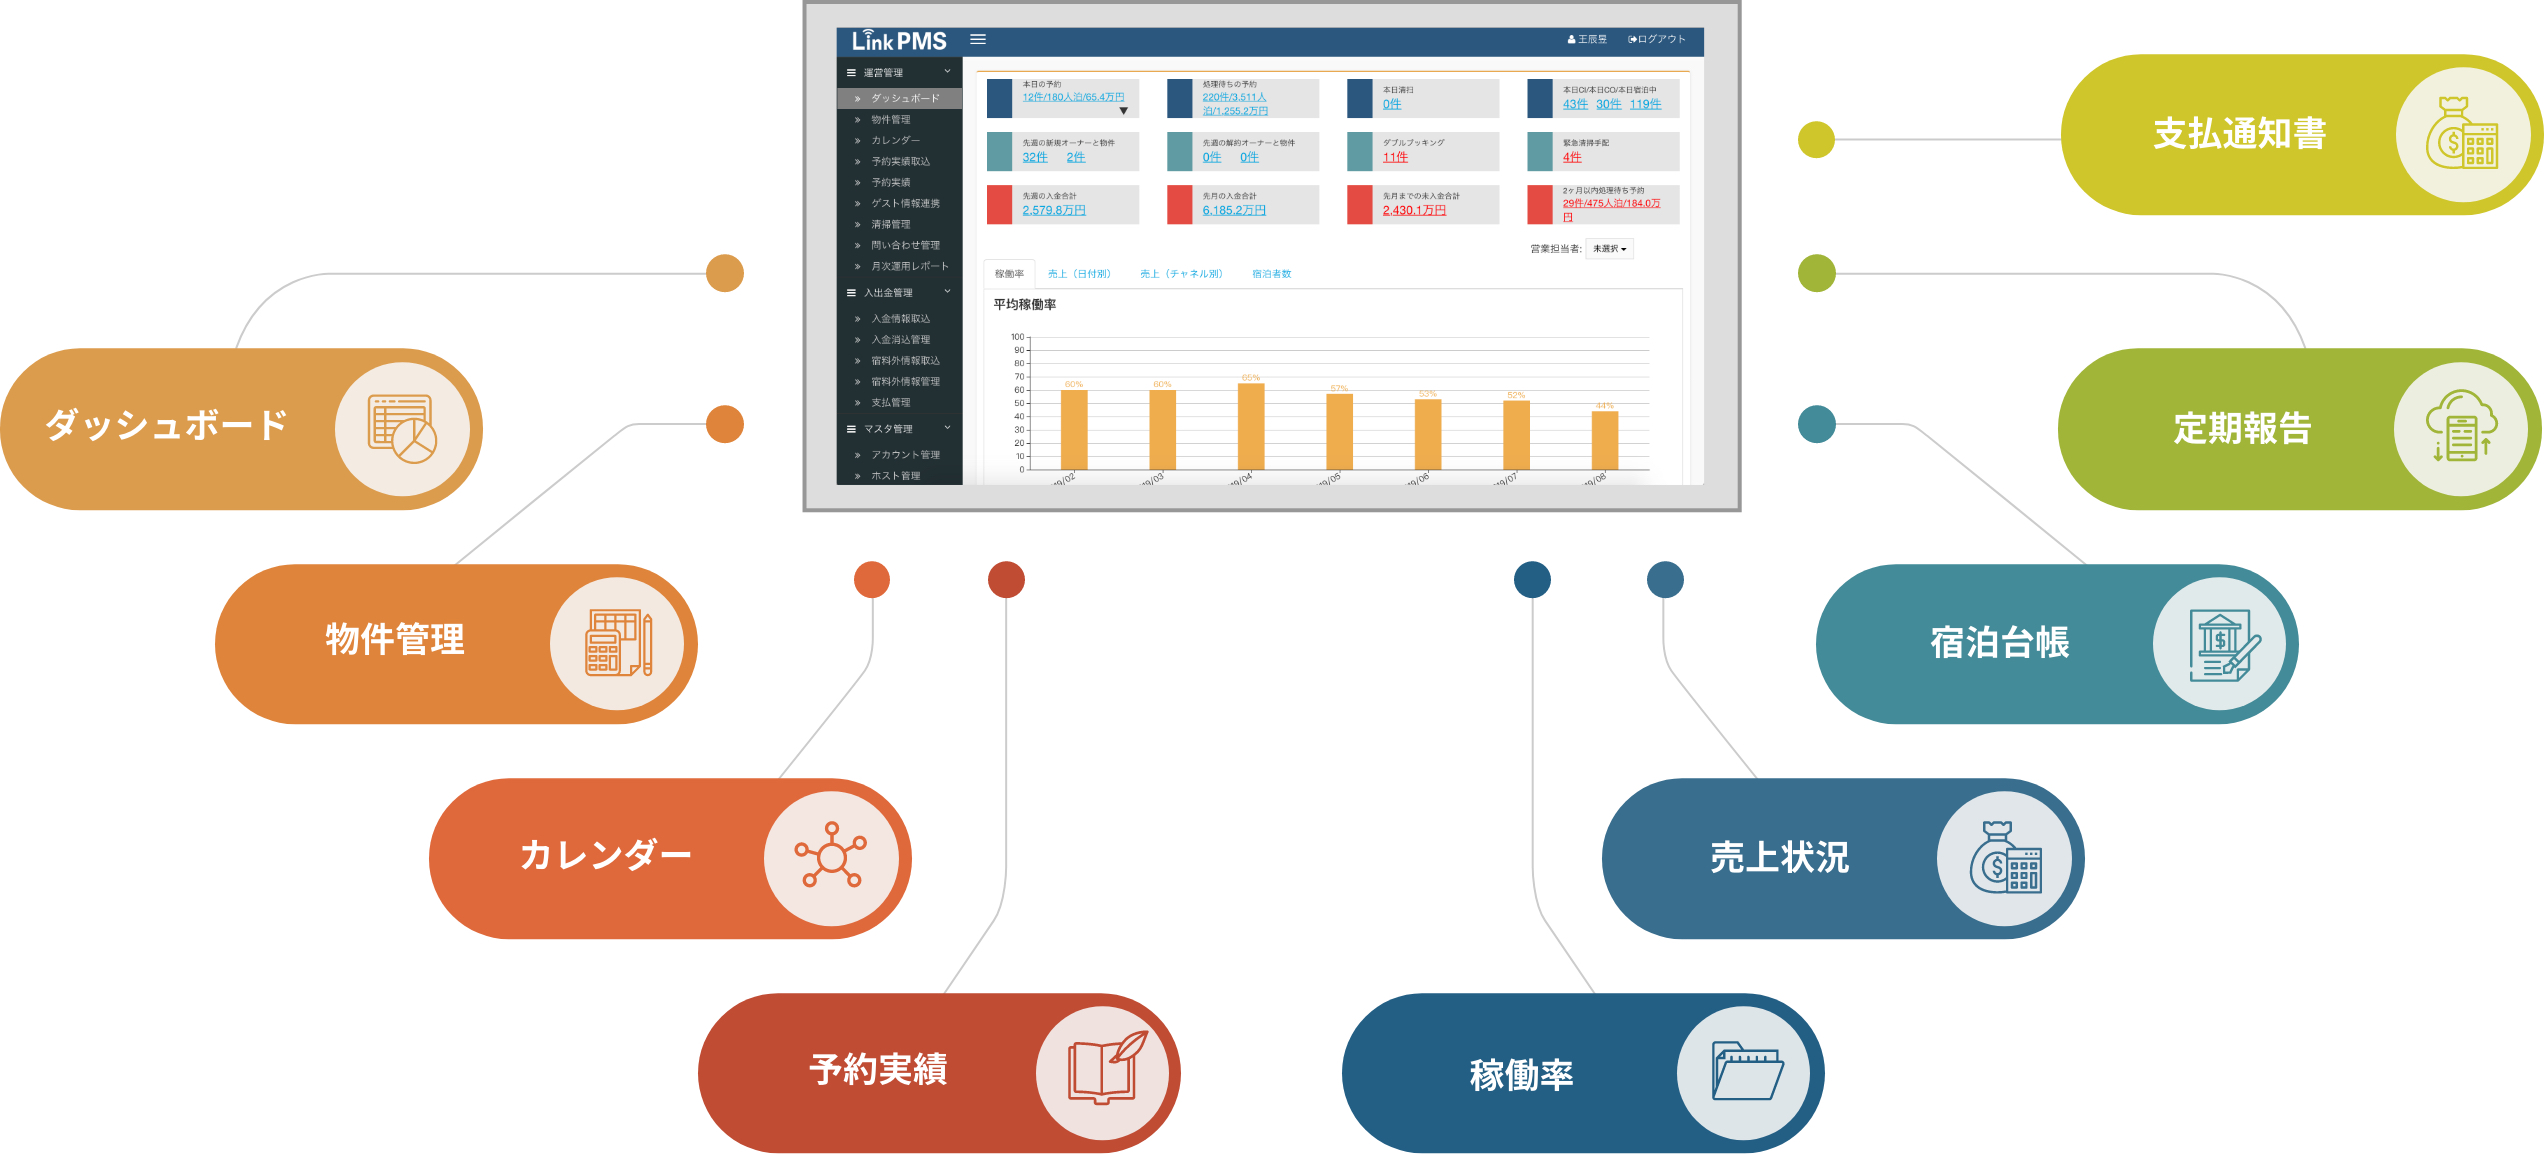 自社システム「LinkPMS」をベースとした運営の「見える化」